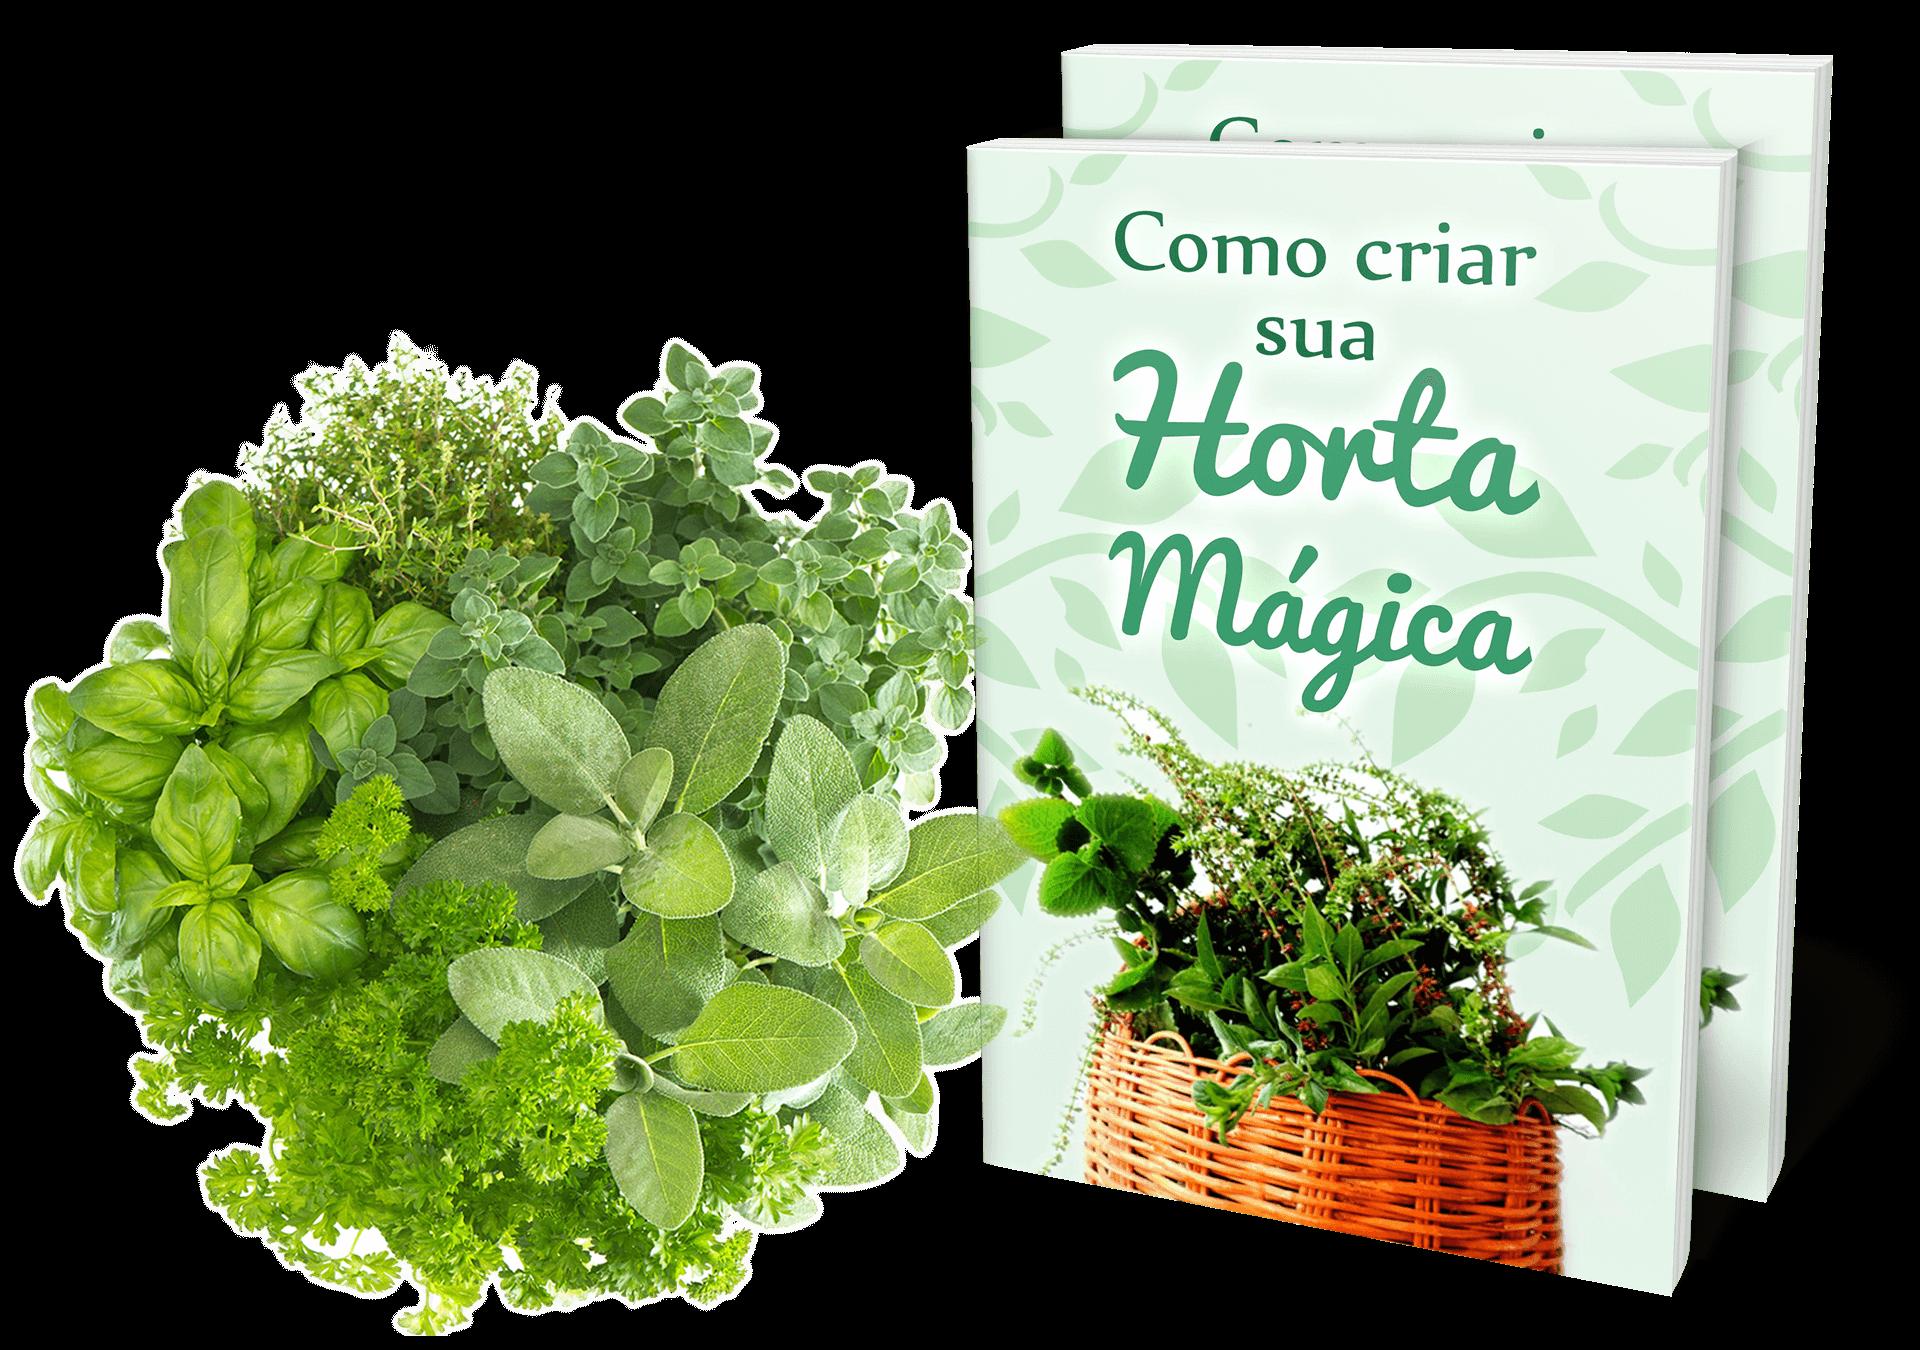 FORM: Horta Mágica